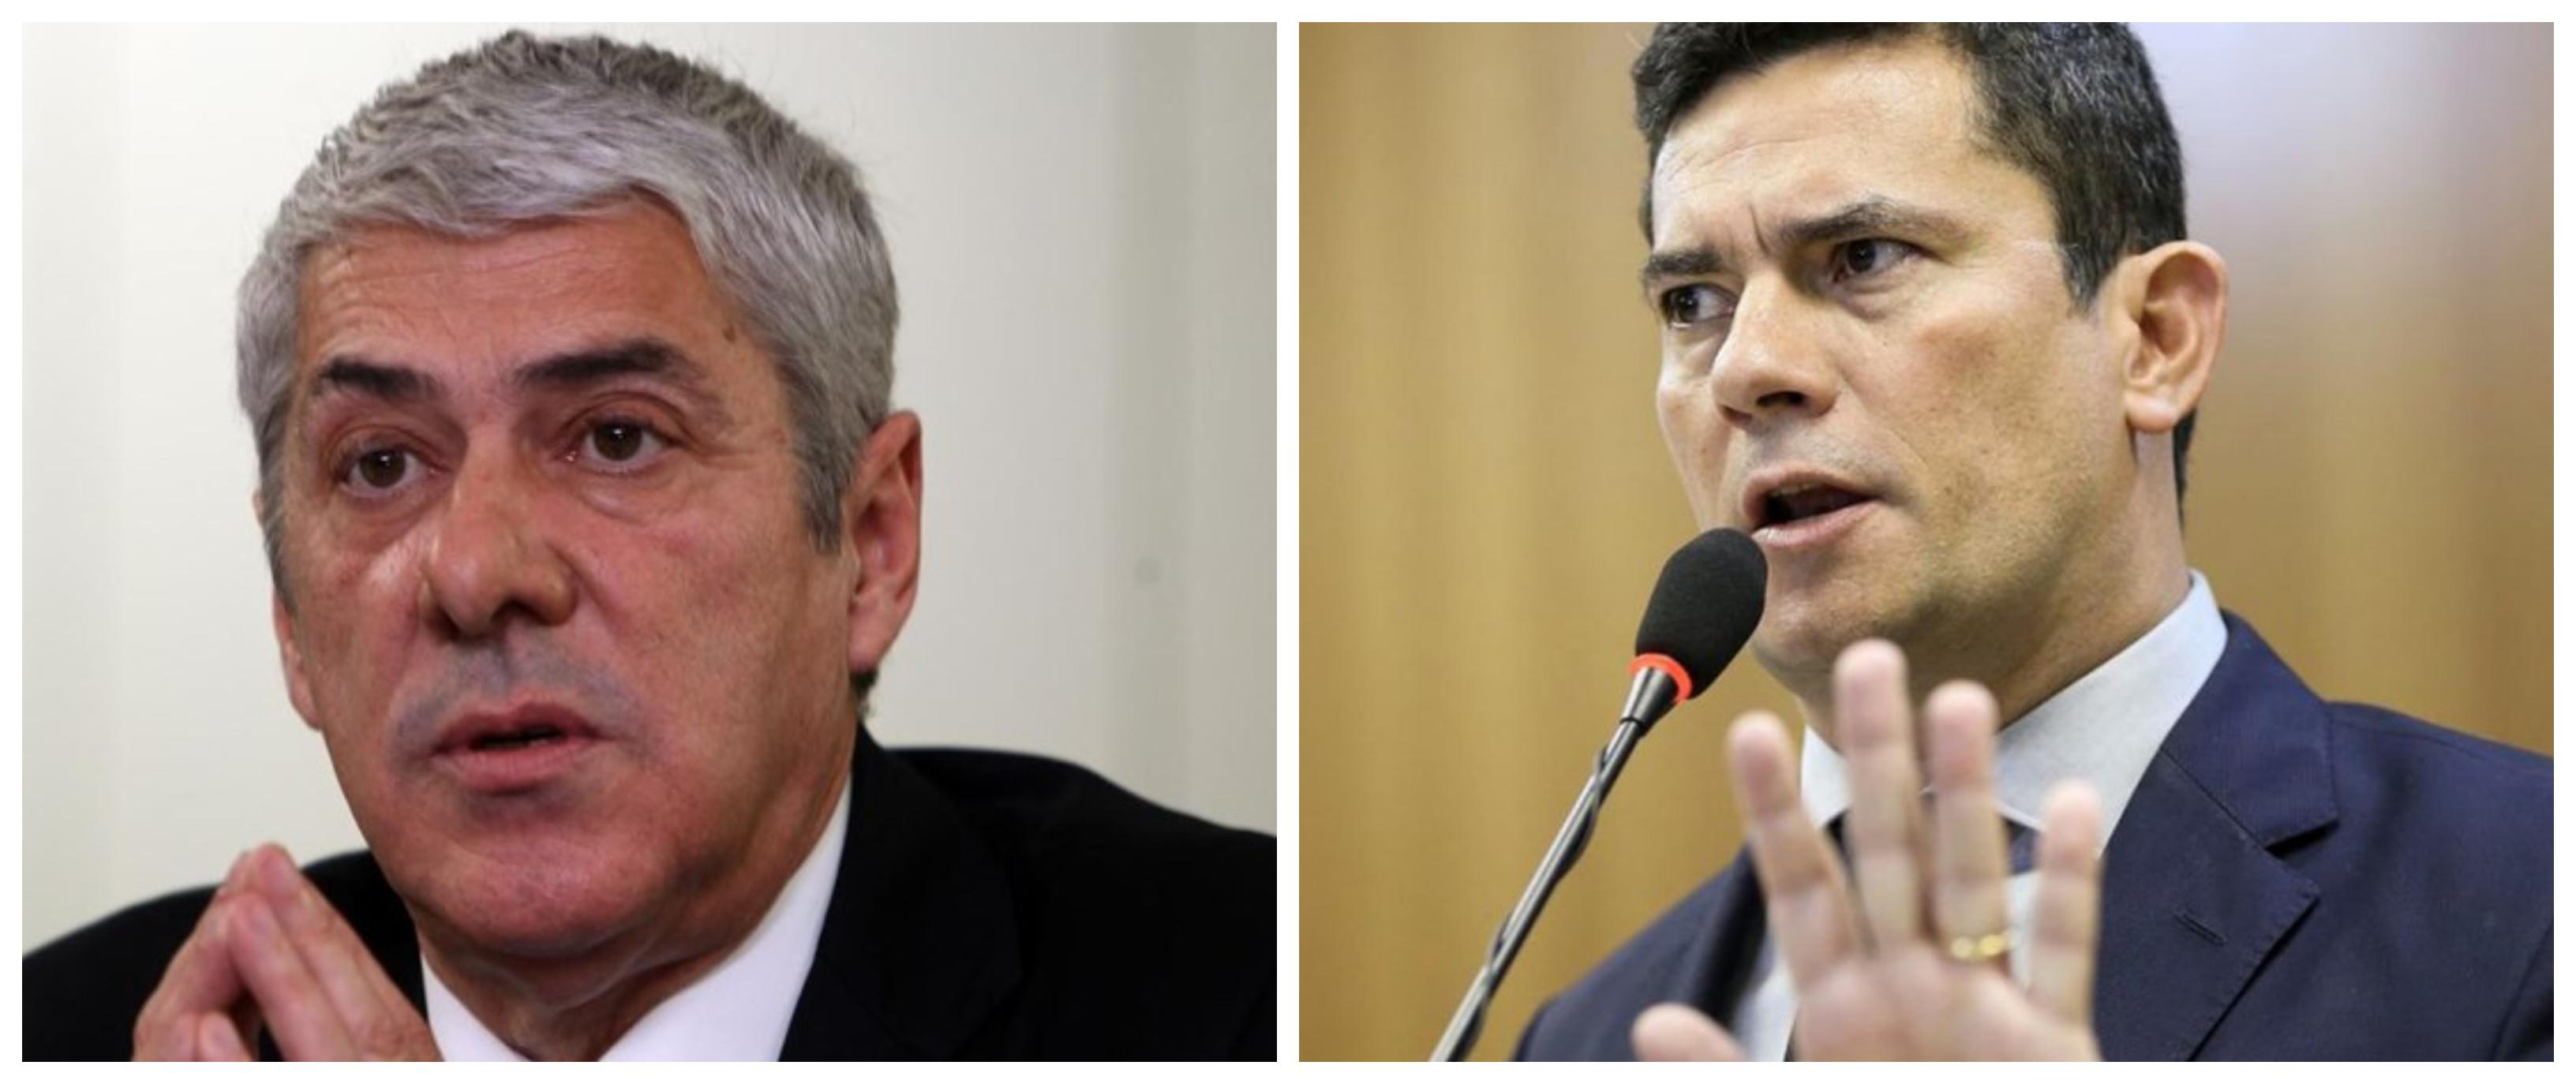 Moro bate e toma tamancada de ex-primeiro ministro: 'Ativista político atua disfarçado de juiz'